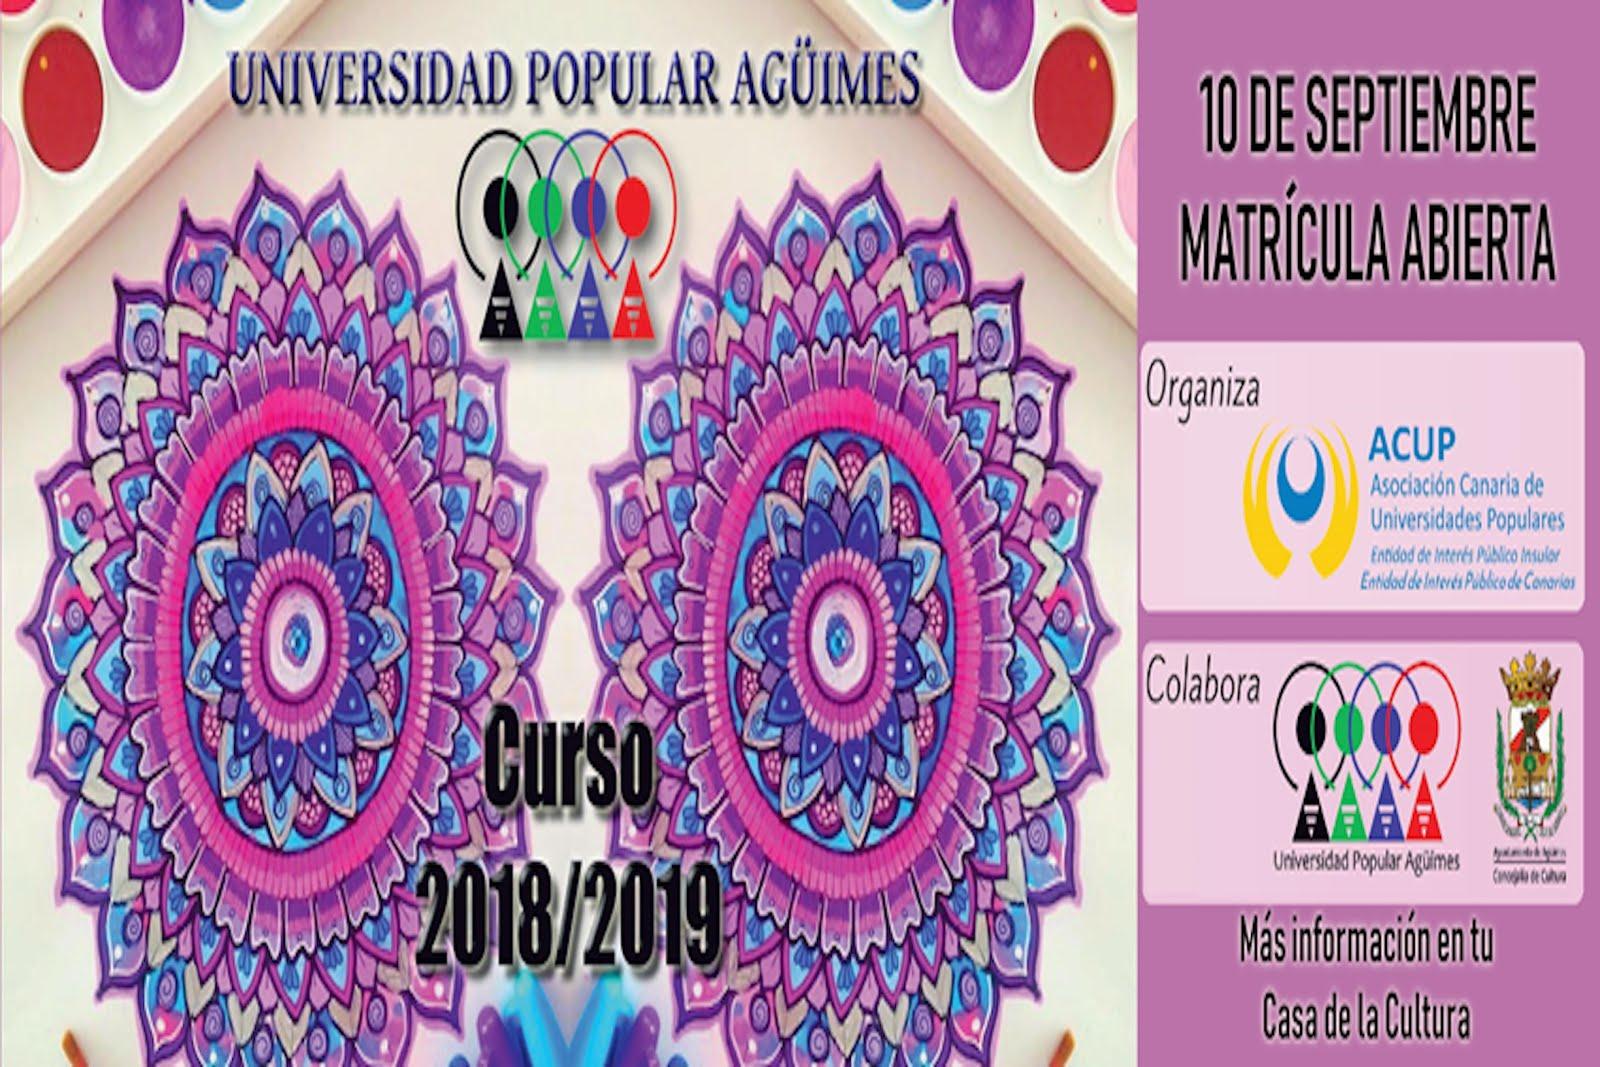 Curso 2018-2019 Universidad Popular de Agüimes